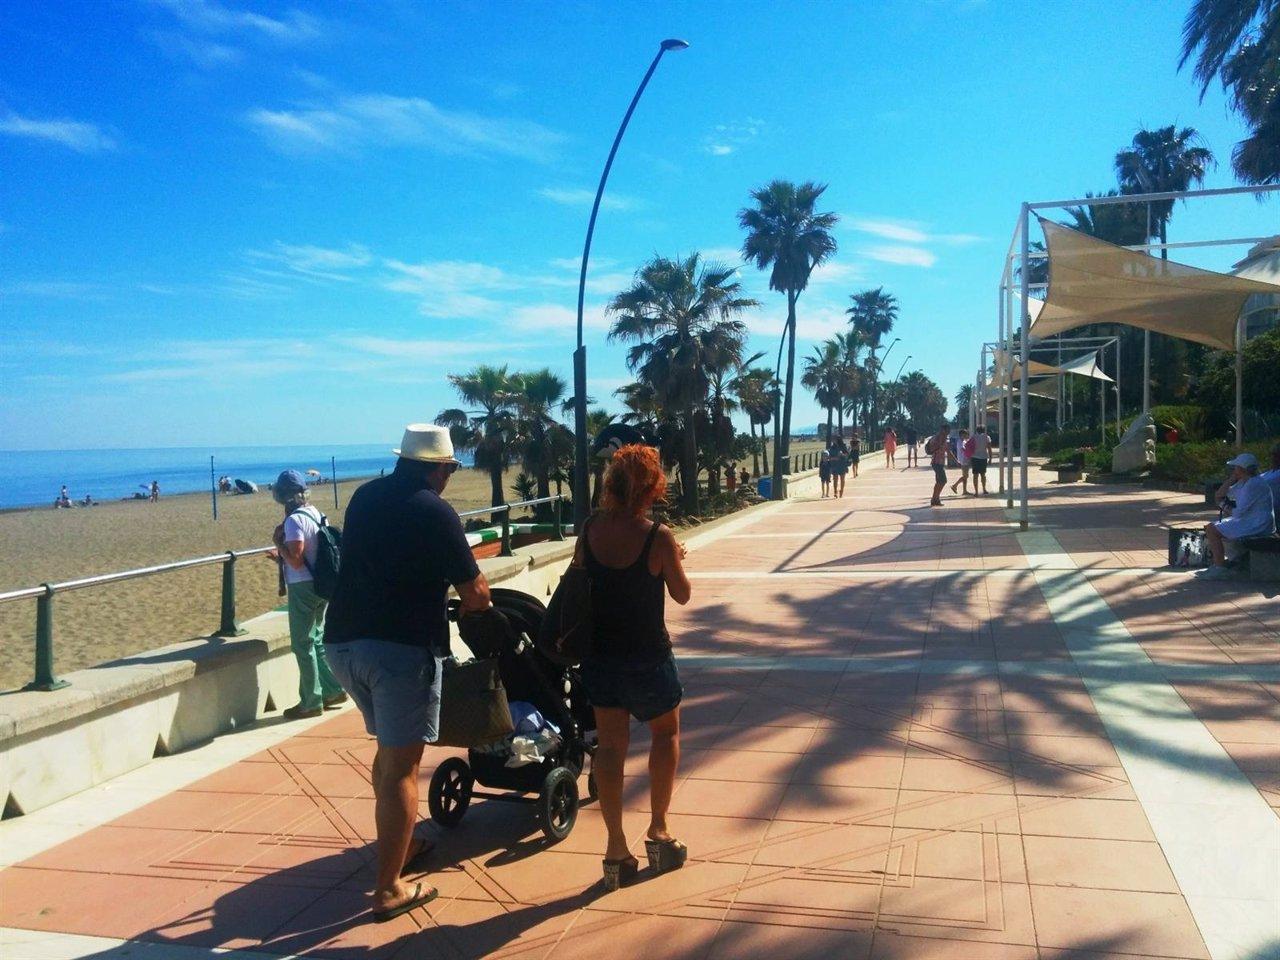 Turistas en el paseo marítimo de la Costa del Sol.